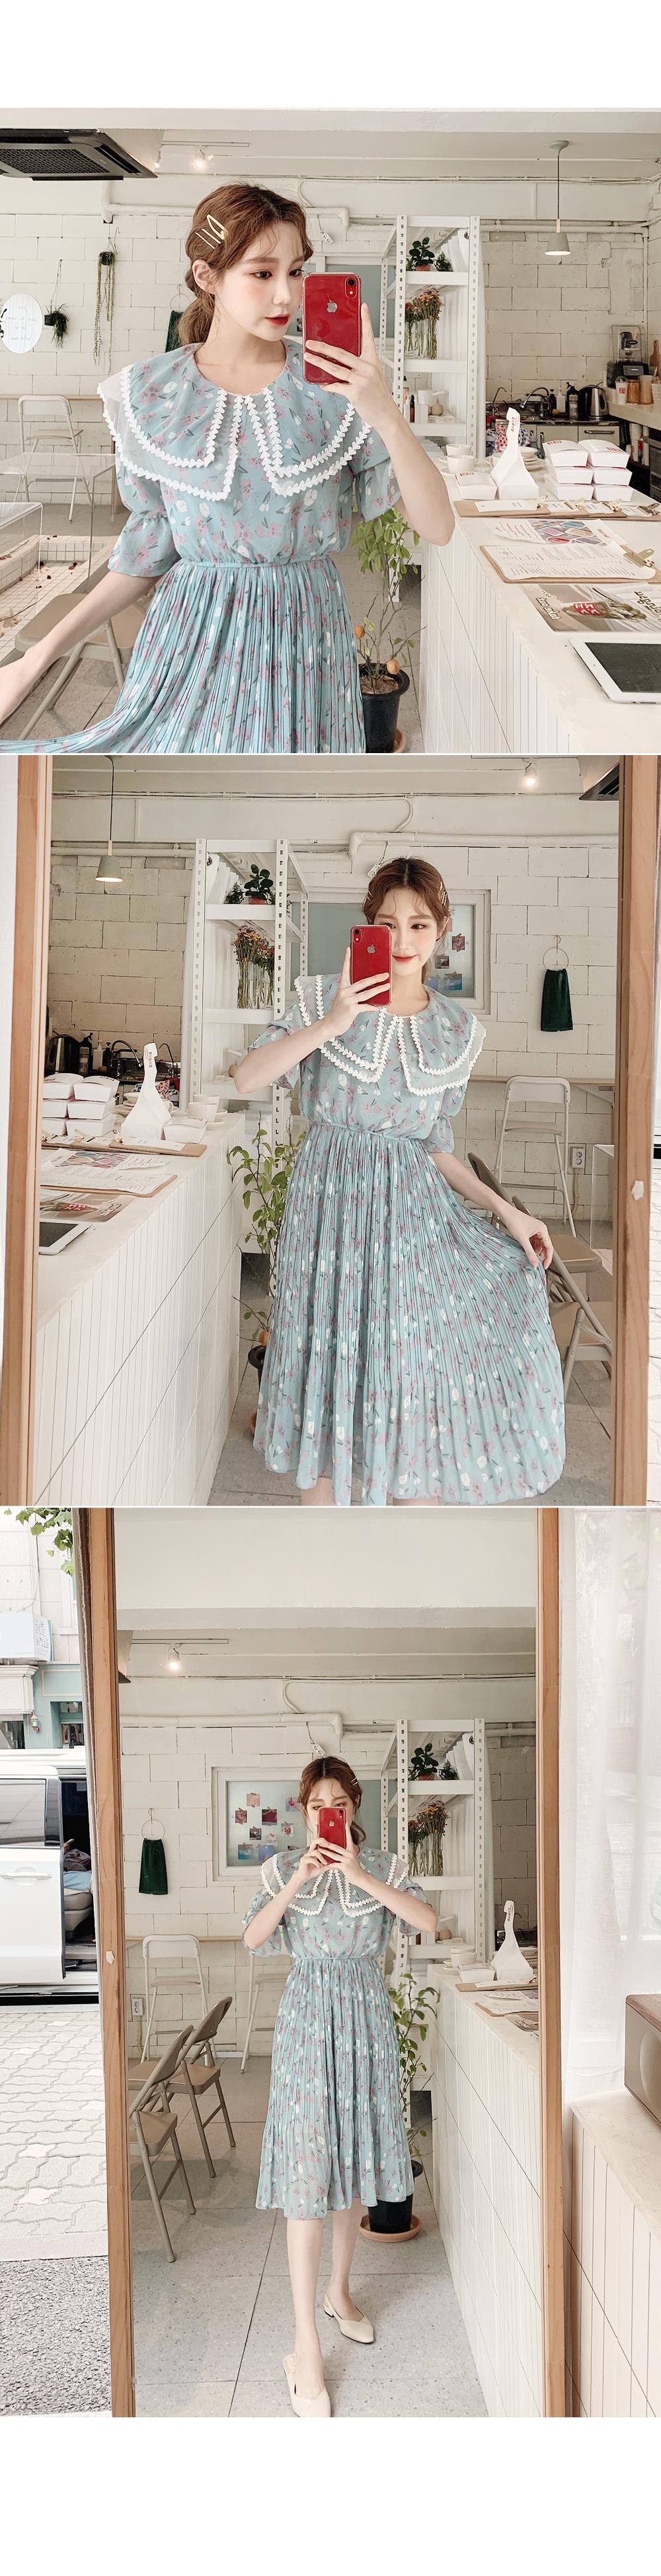 Full set of cute dress